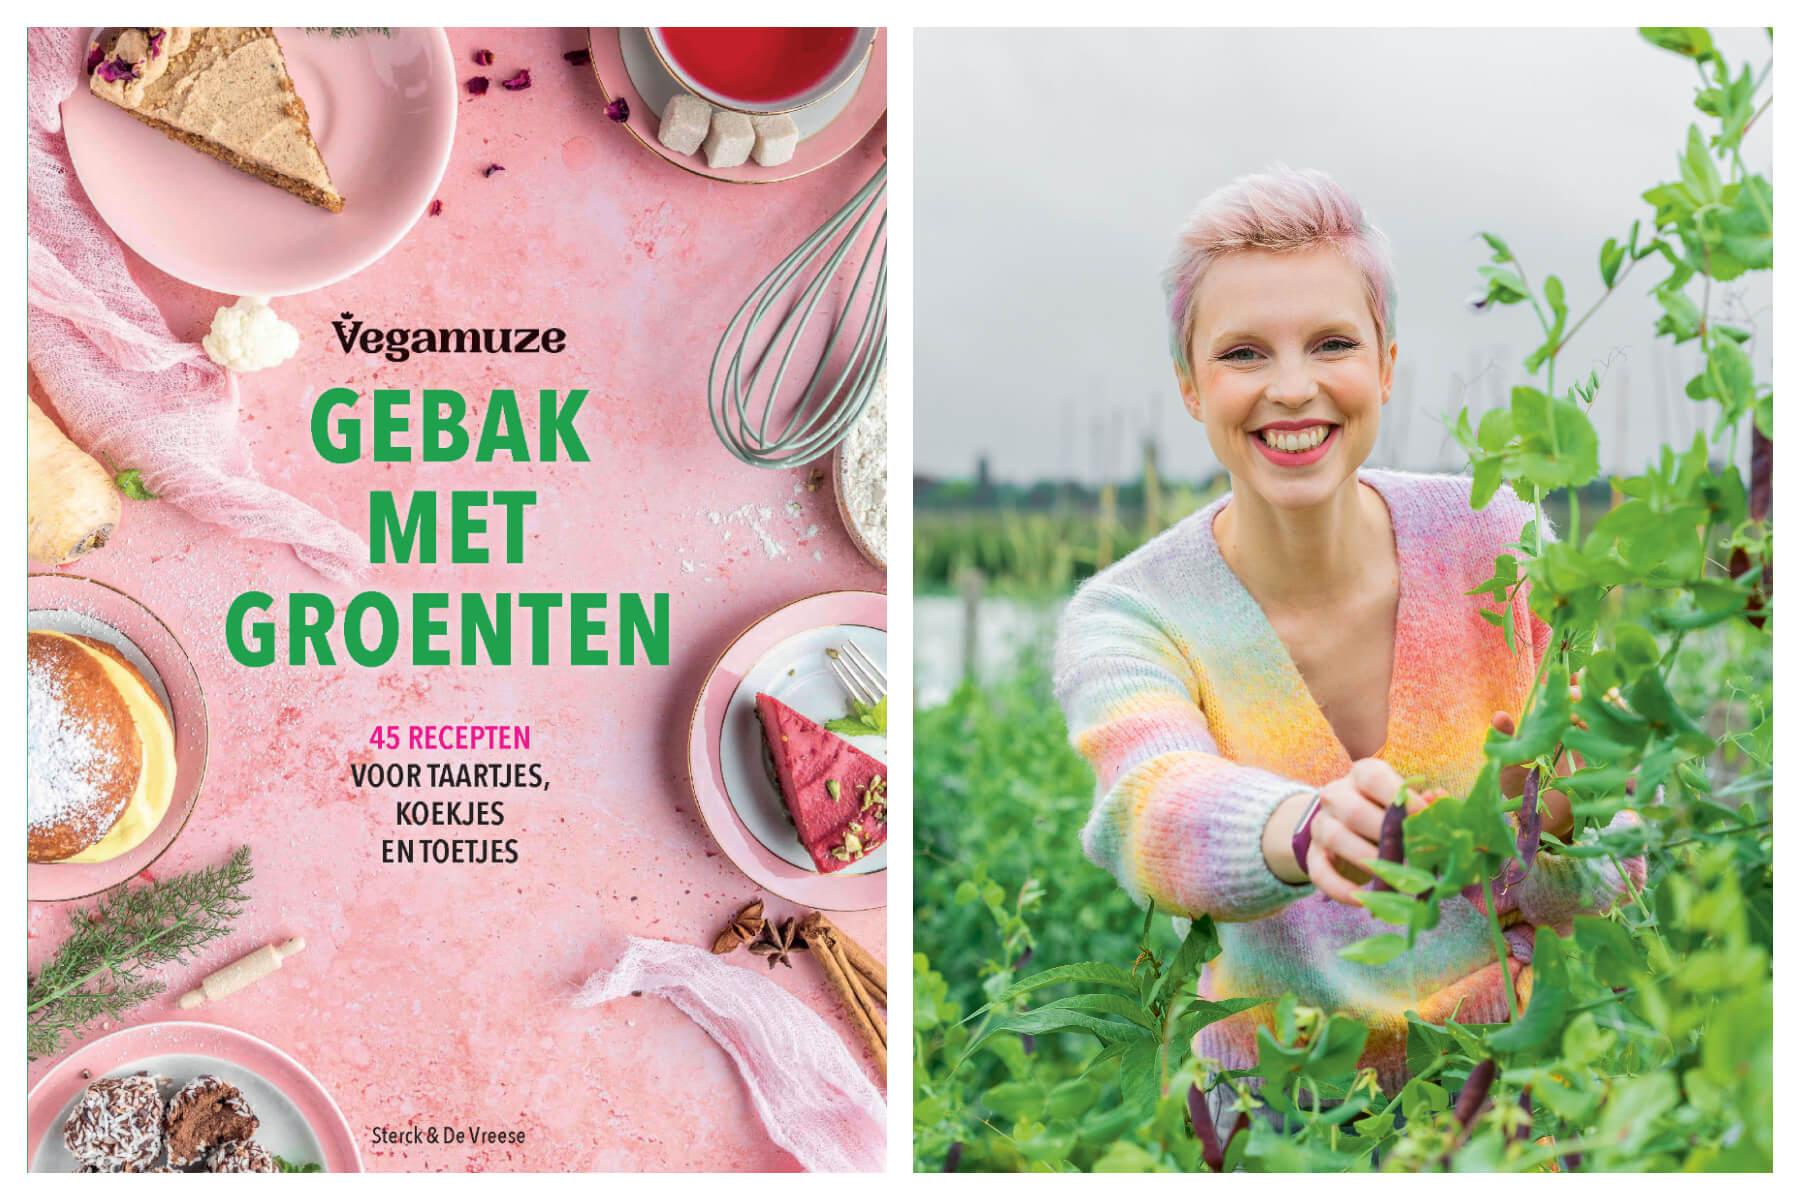 Kookboek review: Gebak met groenten